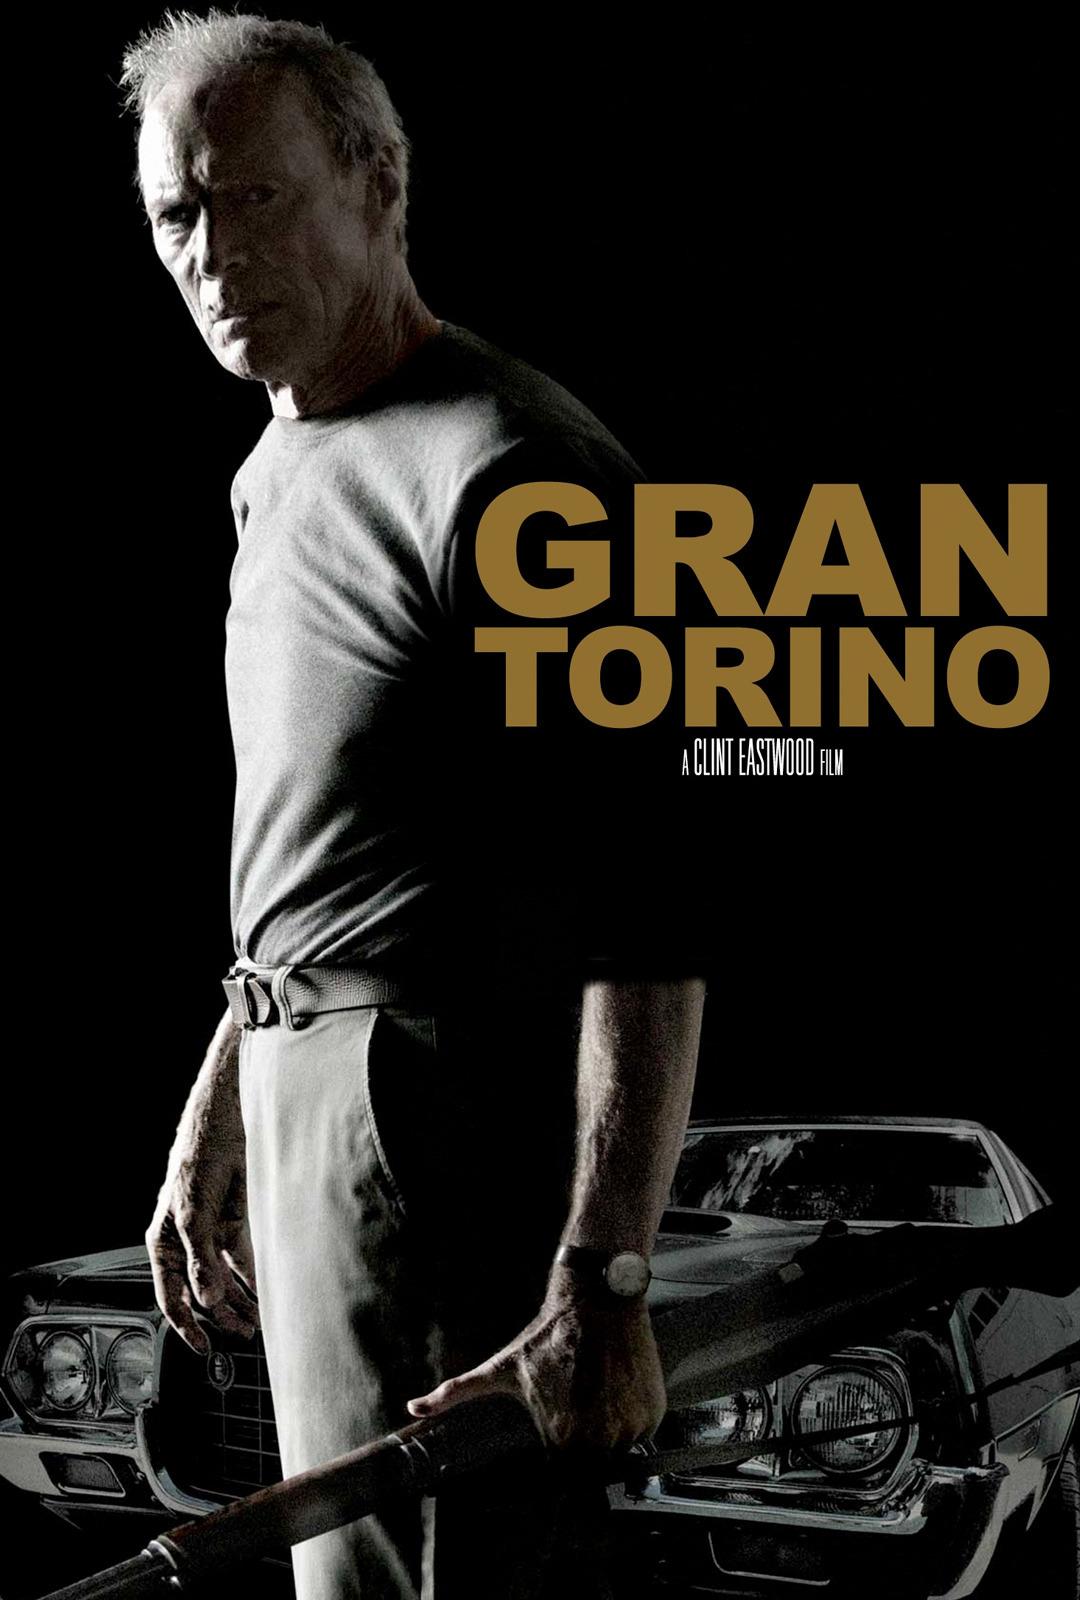 Filme Wie Gran Torino